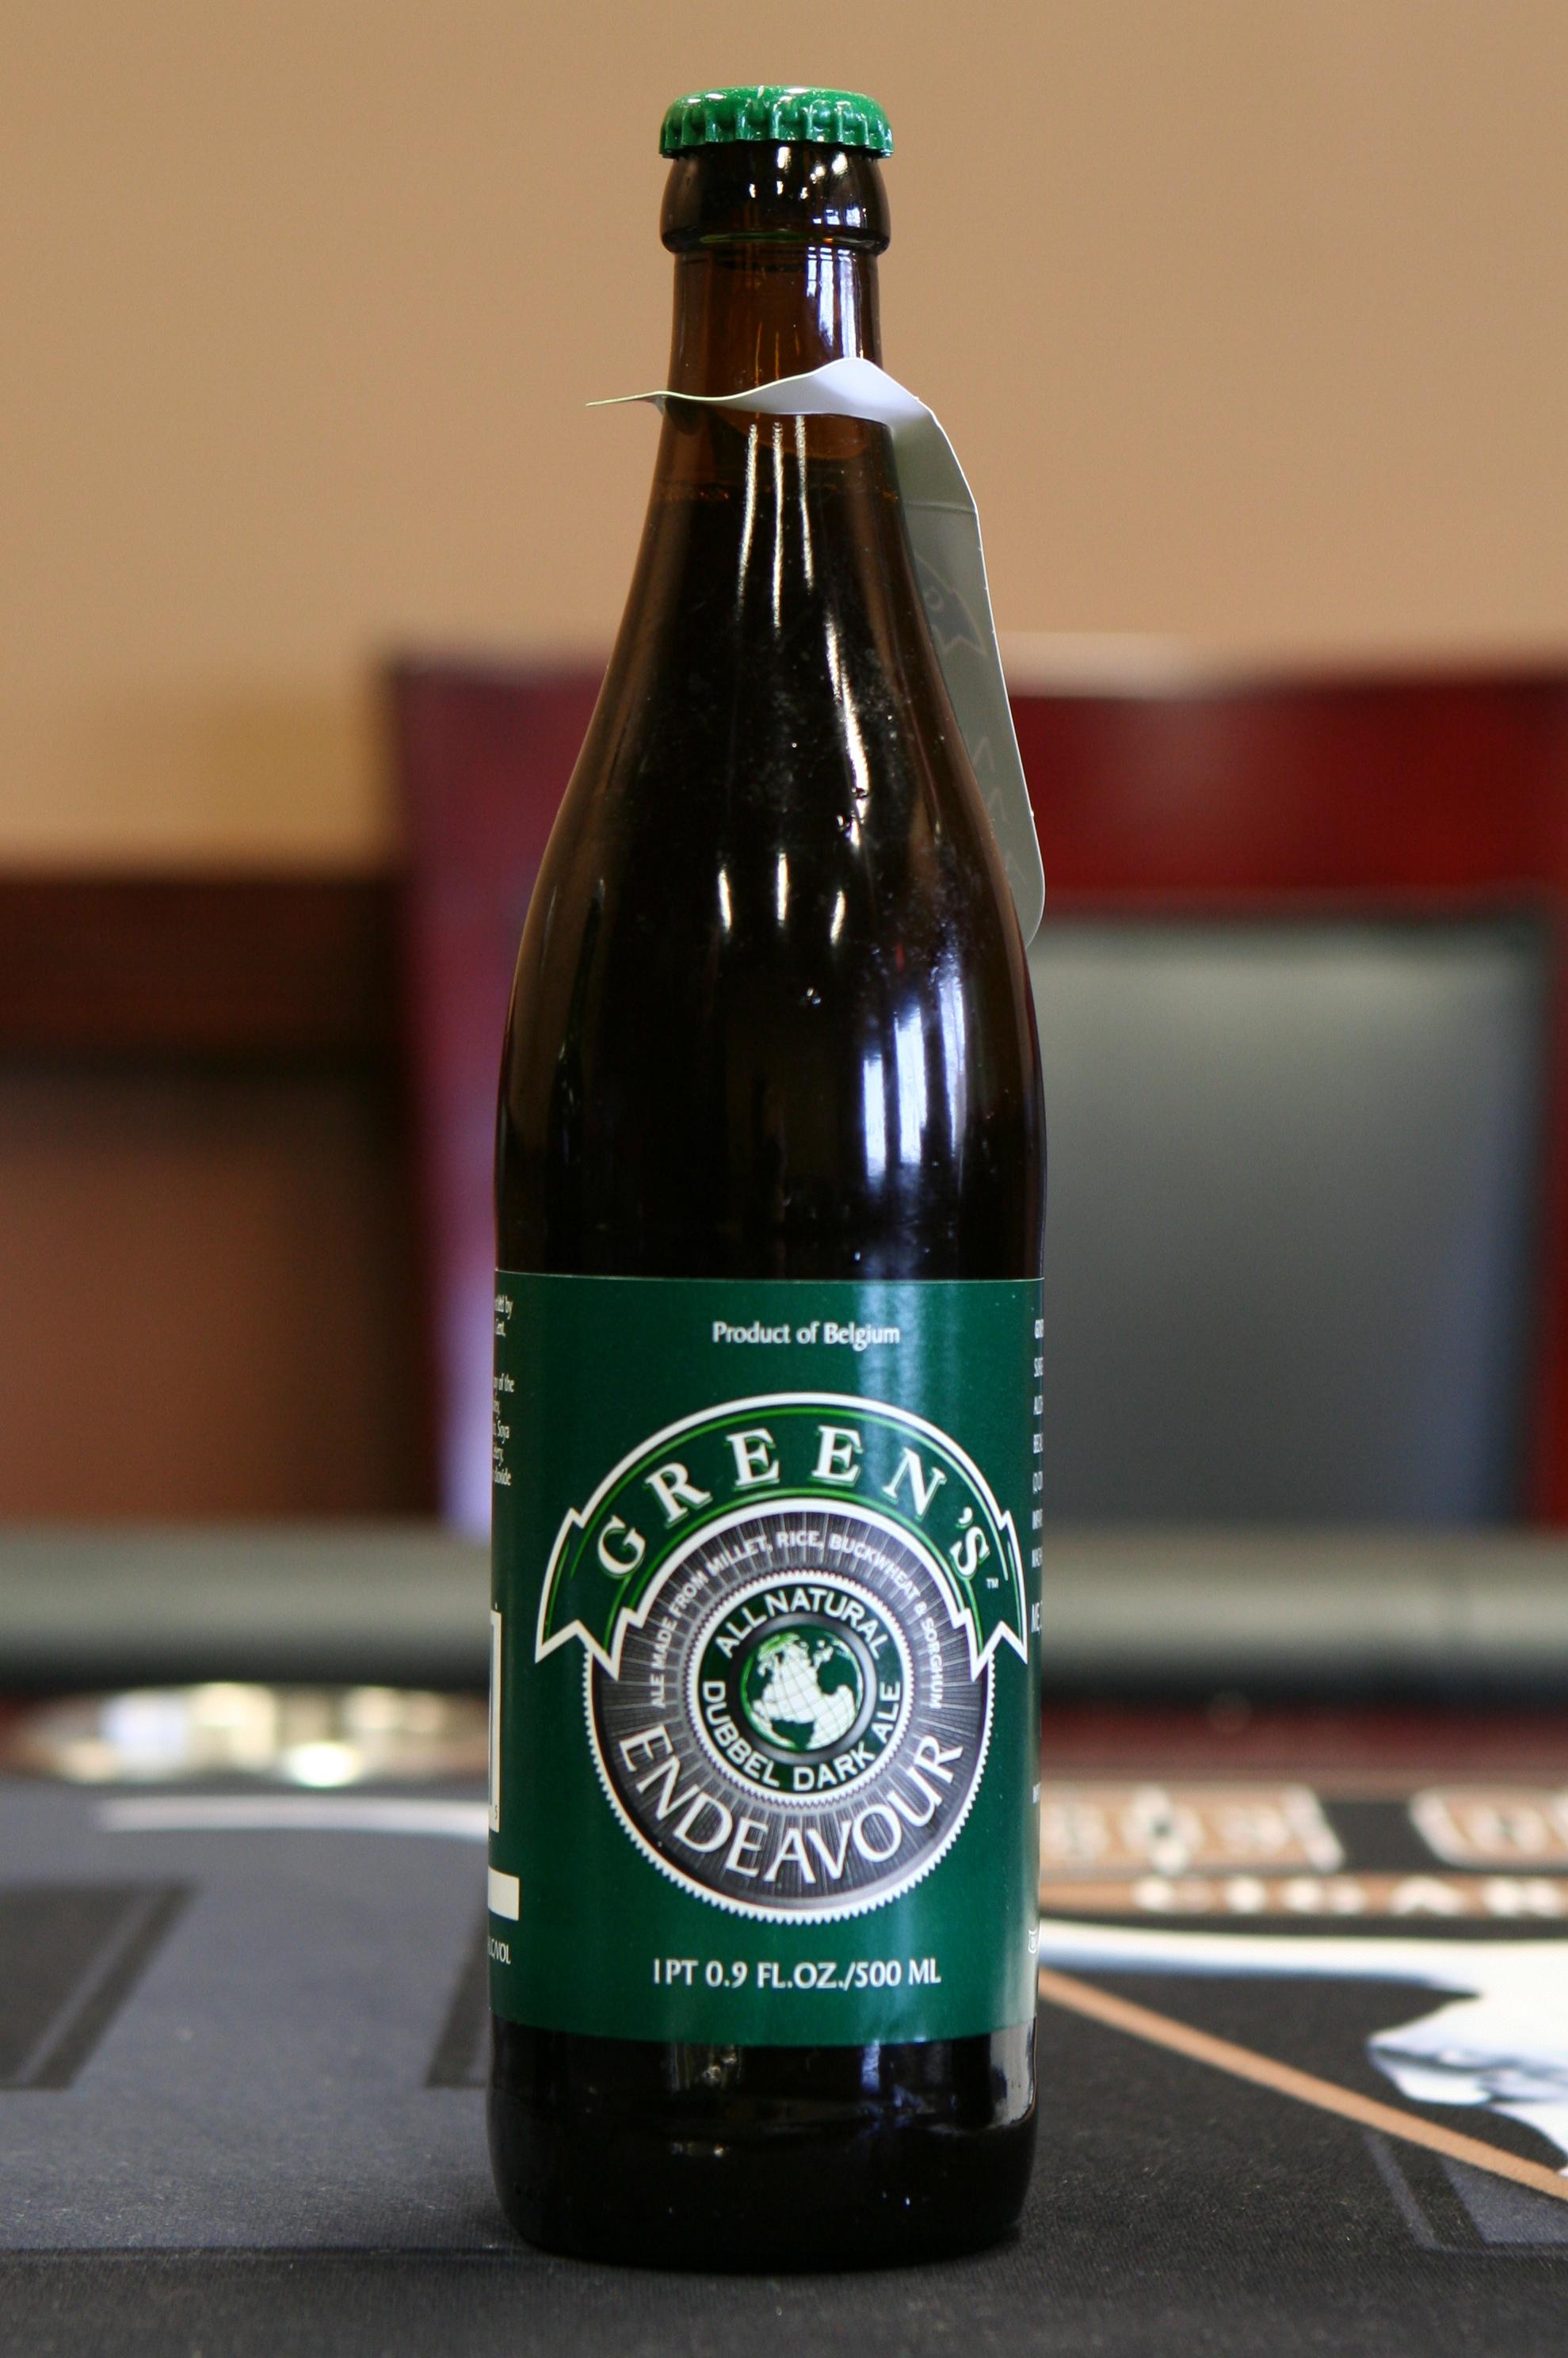 http://www.glutenfreegeek.com/wp-content/uploads/2014/07/gluten-free-beer.jpg